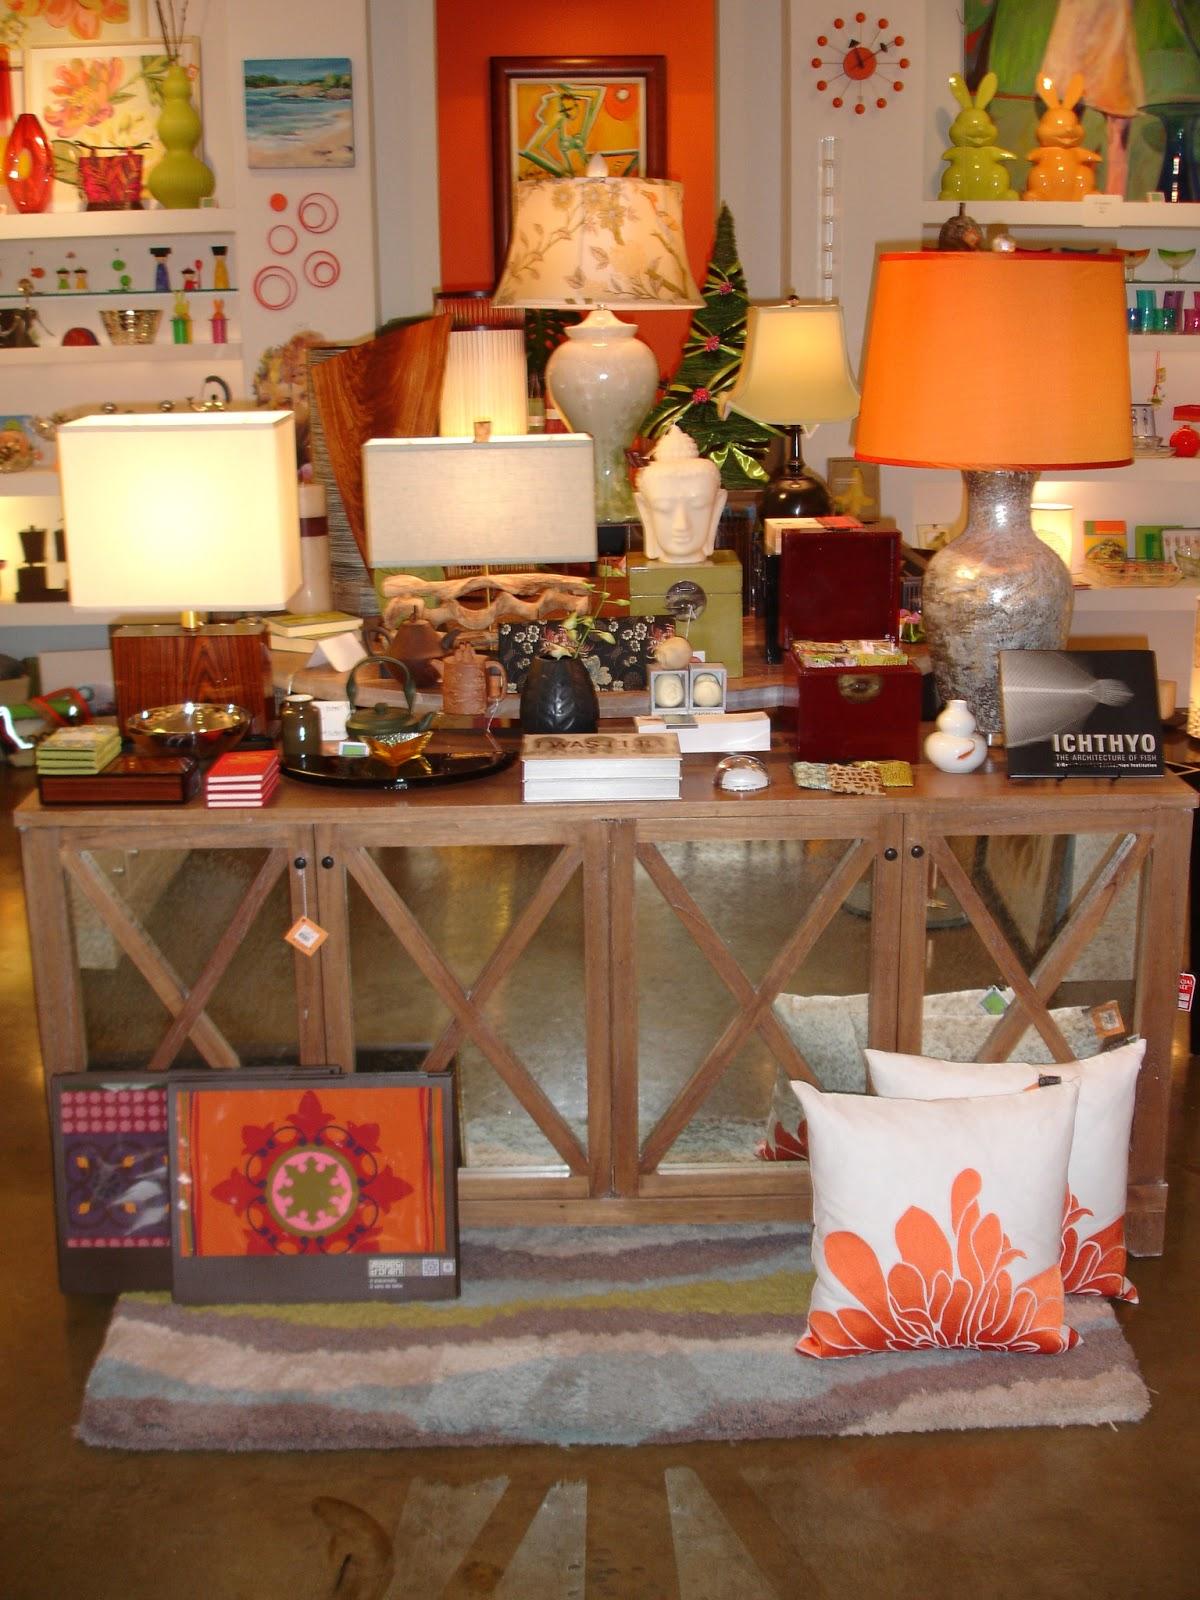 decor accessories accents elegant orange contemporary unique futuristic luxury 2304 decorelated